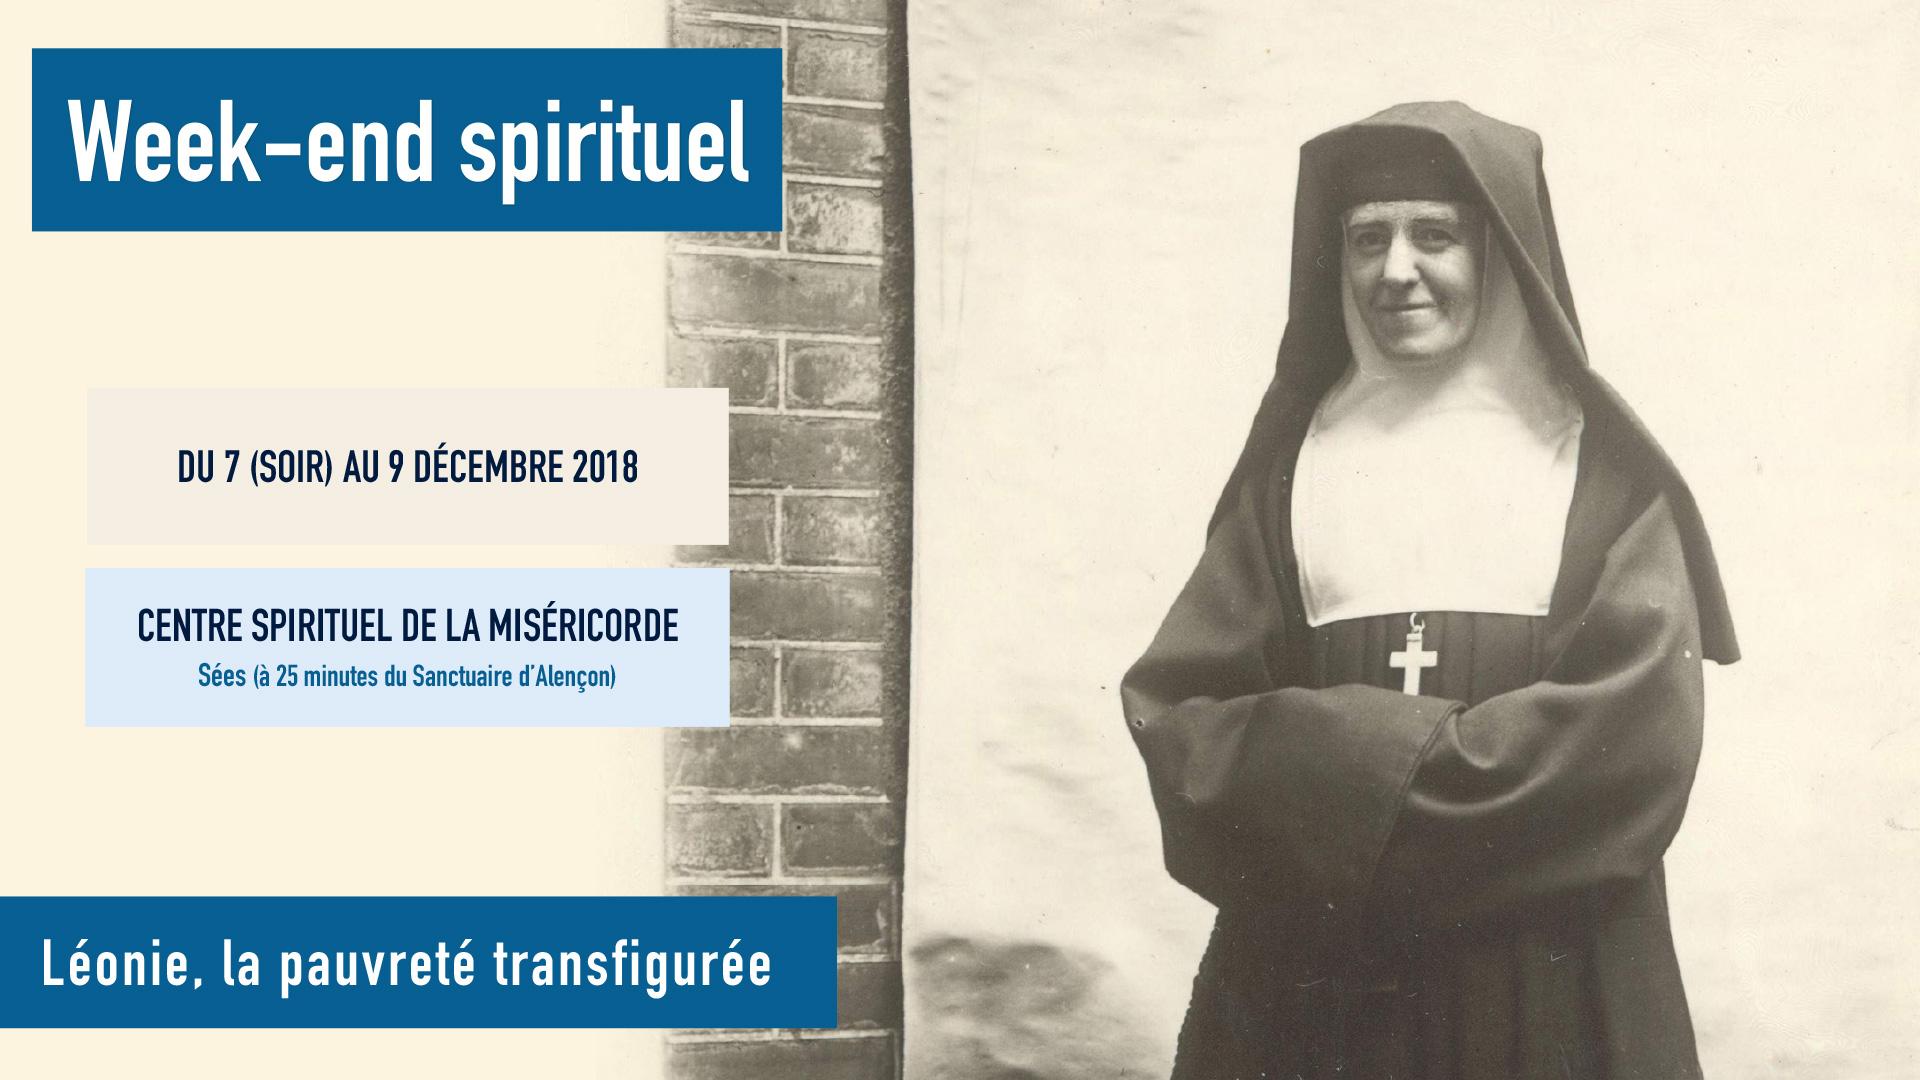 Week-end spirituel: Léonie, la pauvreté transfigurée – Du 7 au 9 décembre 2018 à Alençon (61)